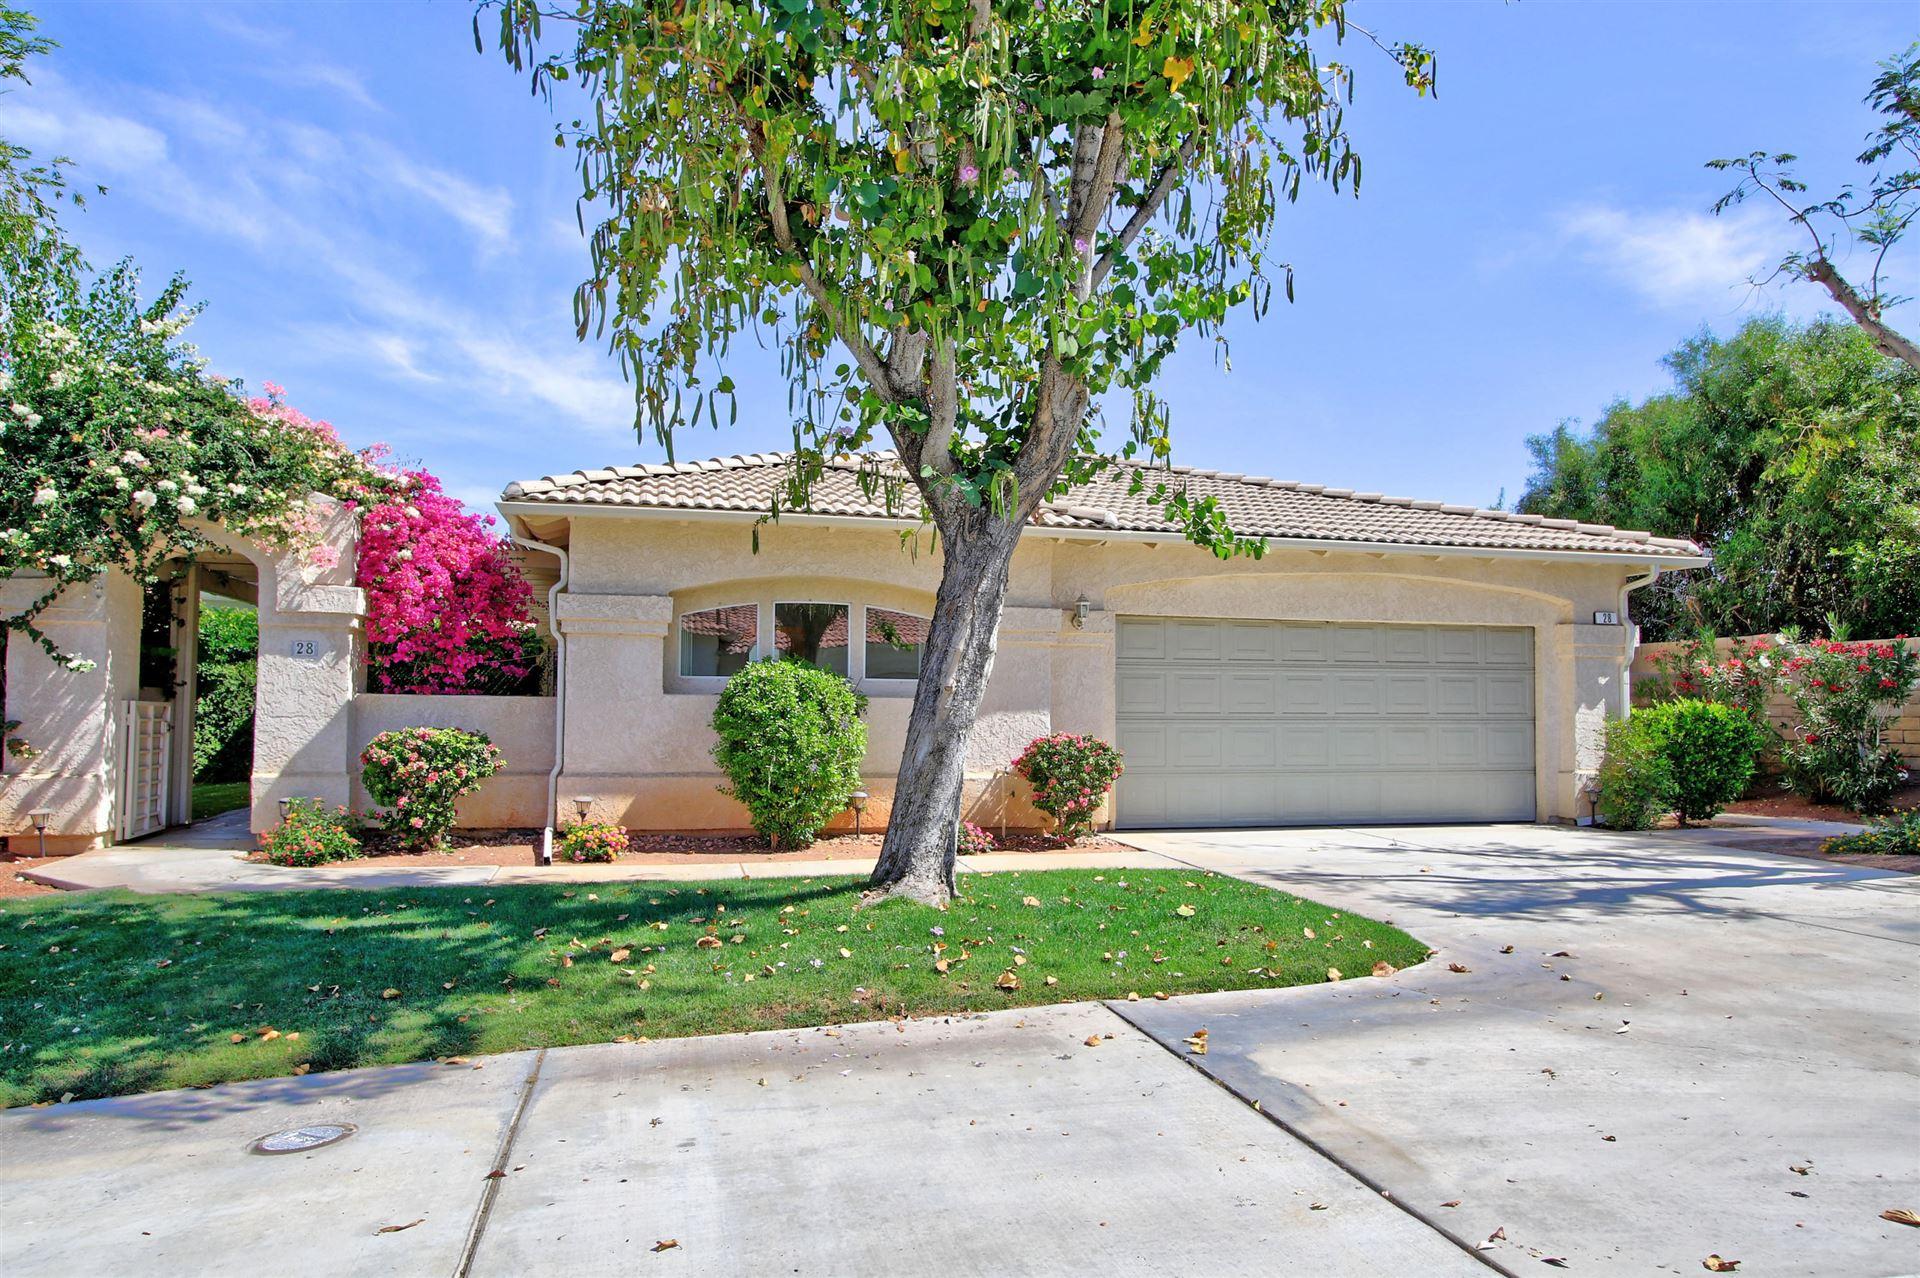 28 Vistara Drive, Rancho Mirage, CA 92270 - MLS#: 219042682